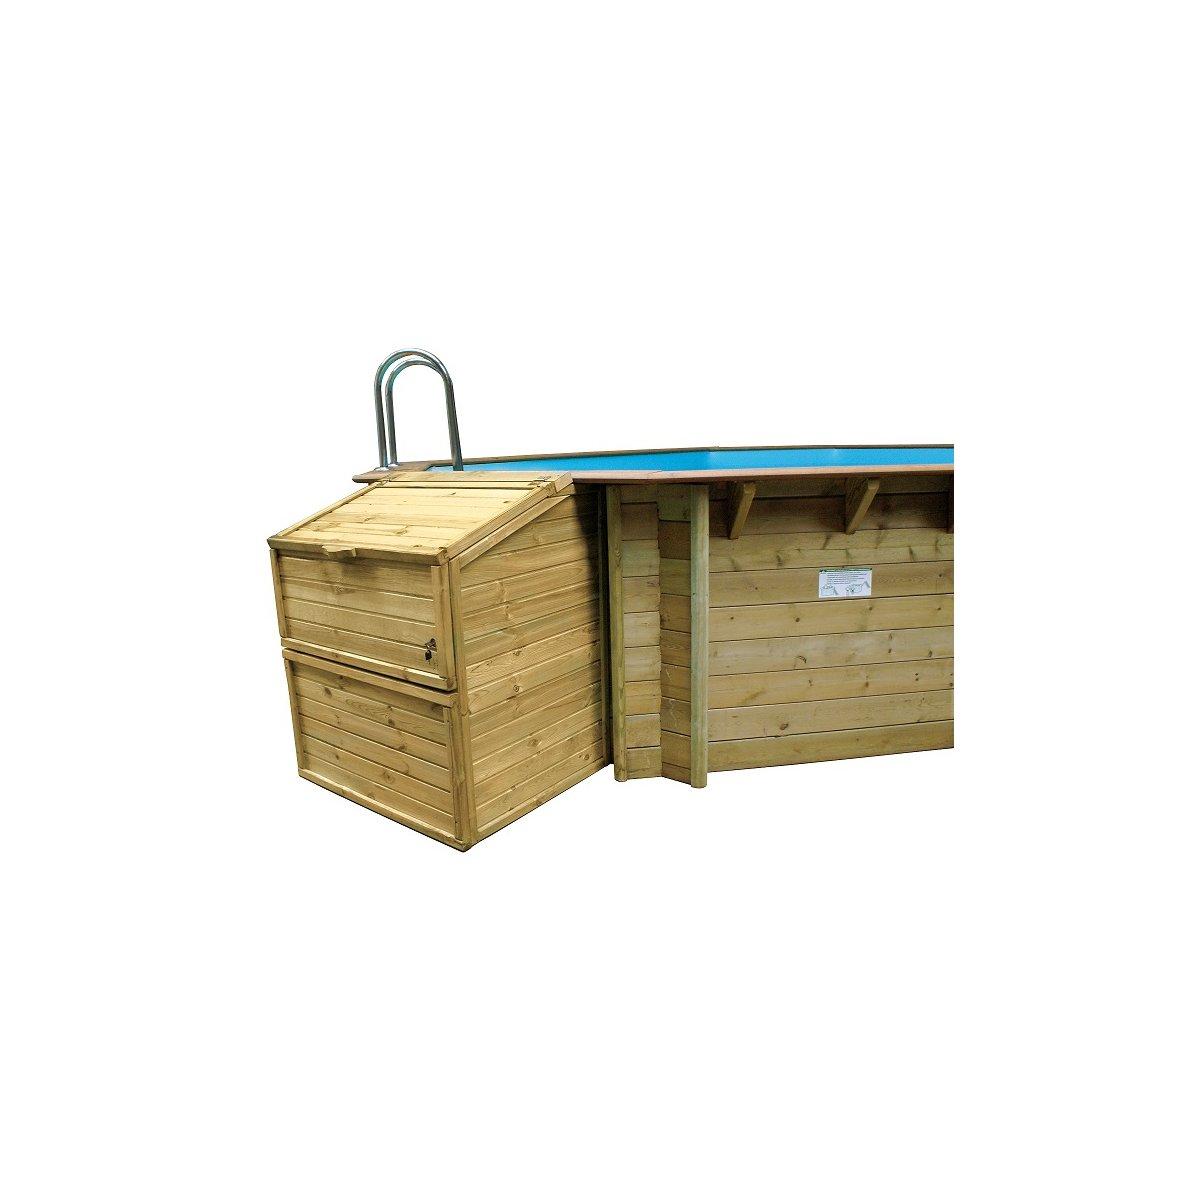 filterkasten f r holzpools h he 120 cm 239 00. Black Bedroom Furniture Sets. Home Design Ideas